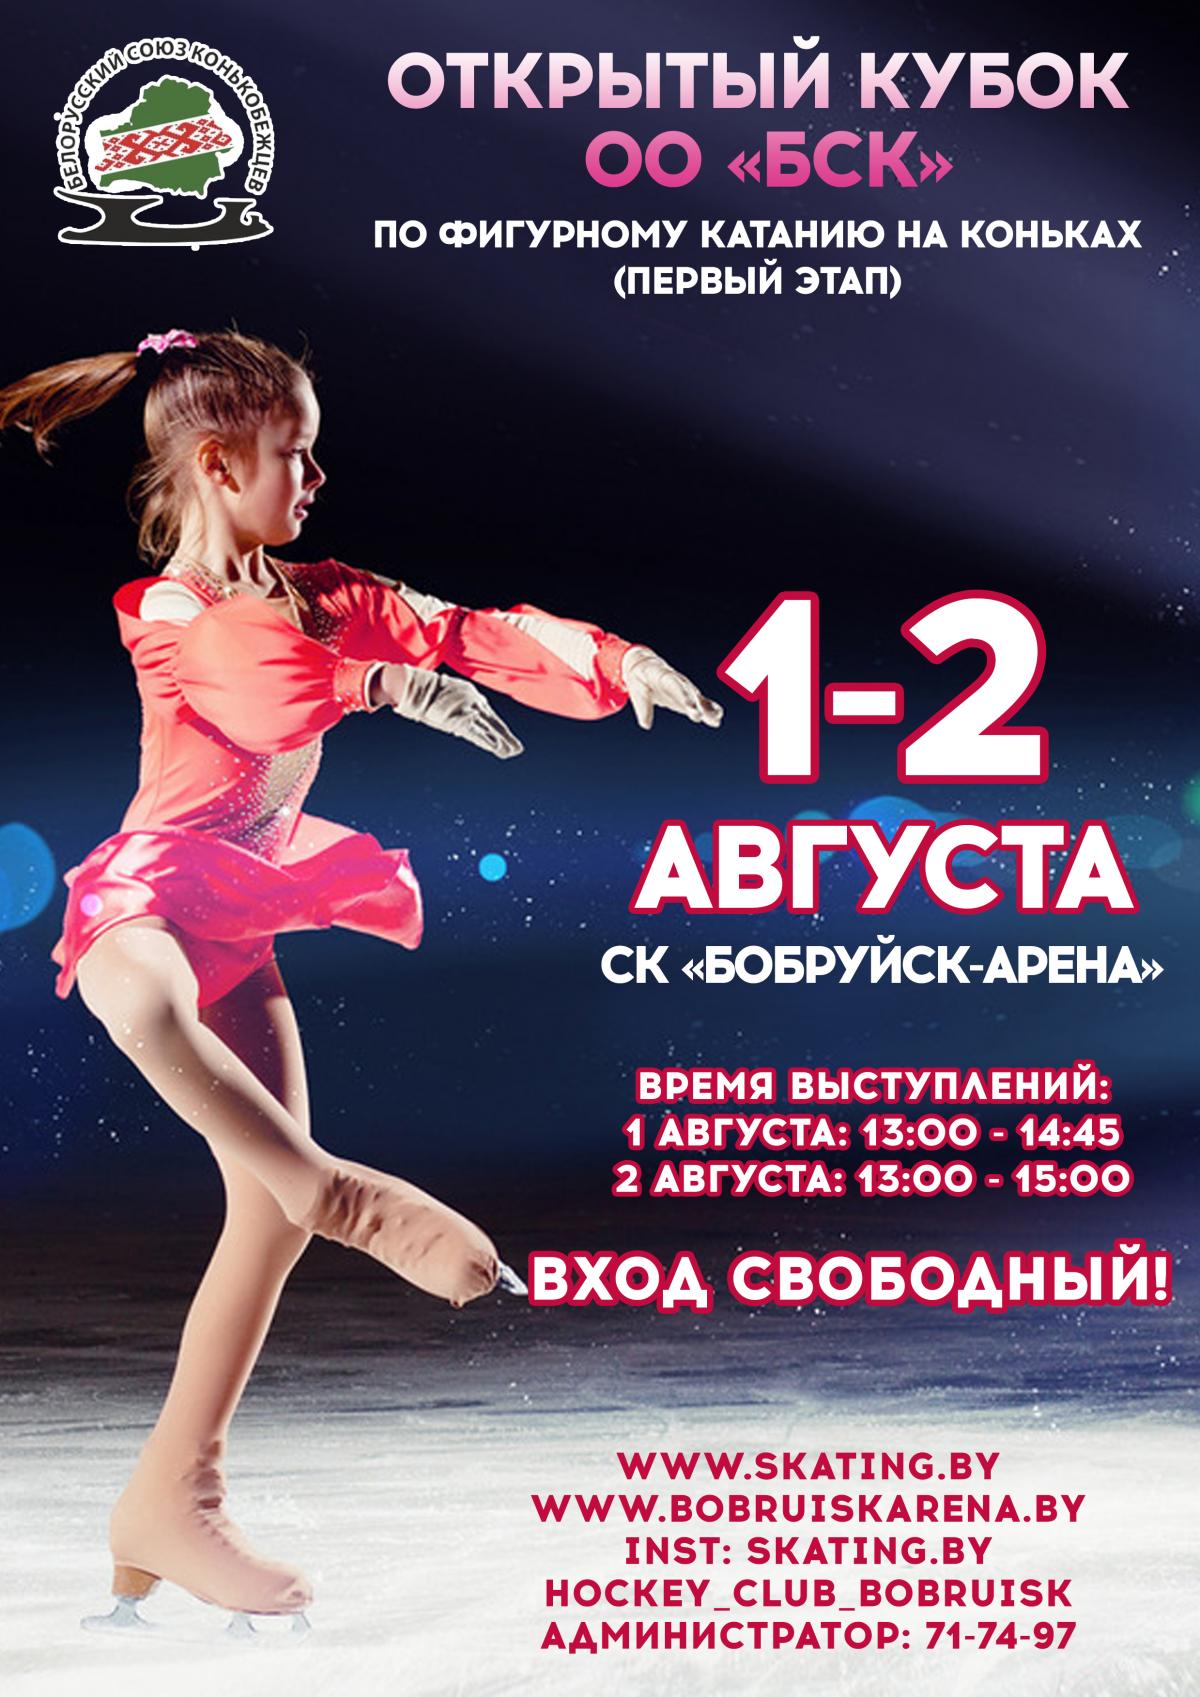 В Бобруйске состоится Открытый Кубок ОО «БСК» по фигурному катанию